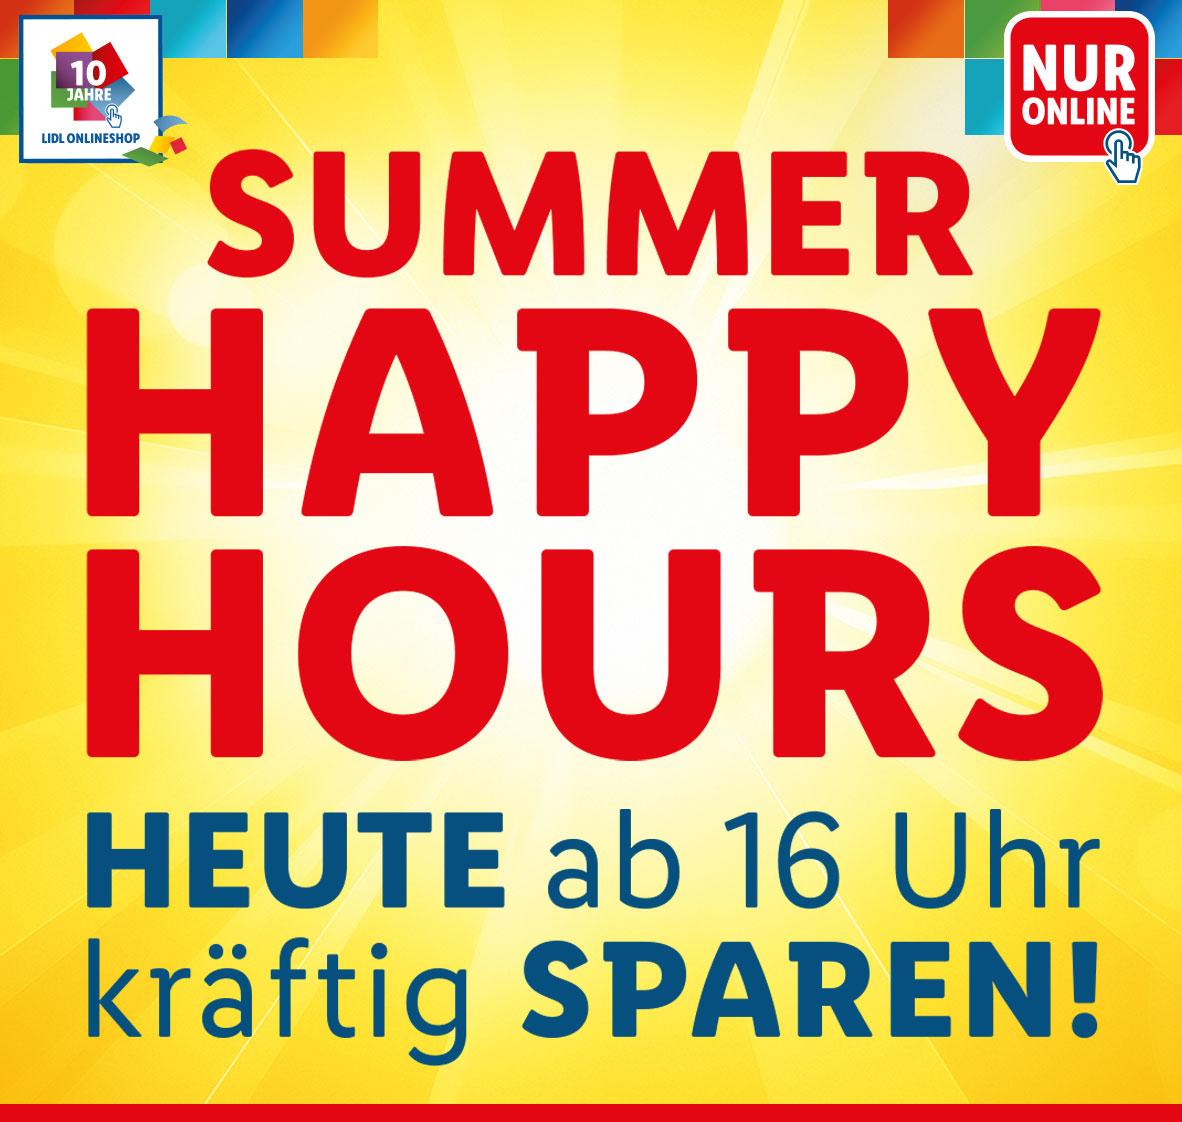 HEUTE Lidl Summer Happy Hours - 40% Rabatt und gratis Versand 16-24h